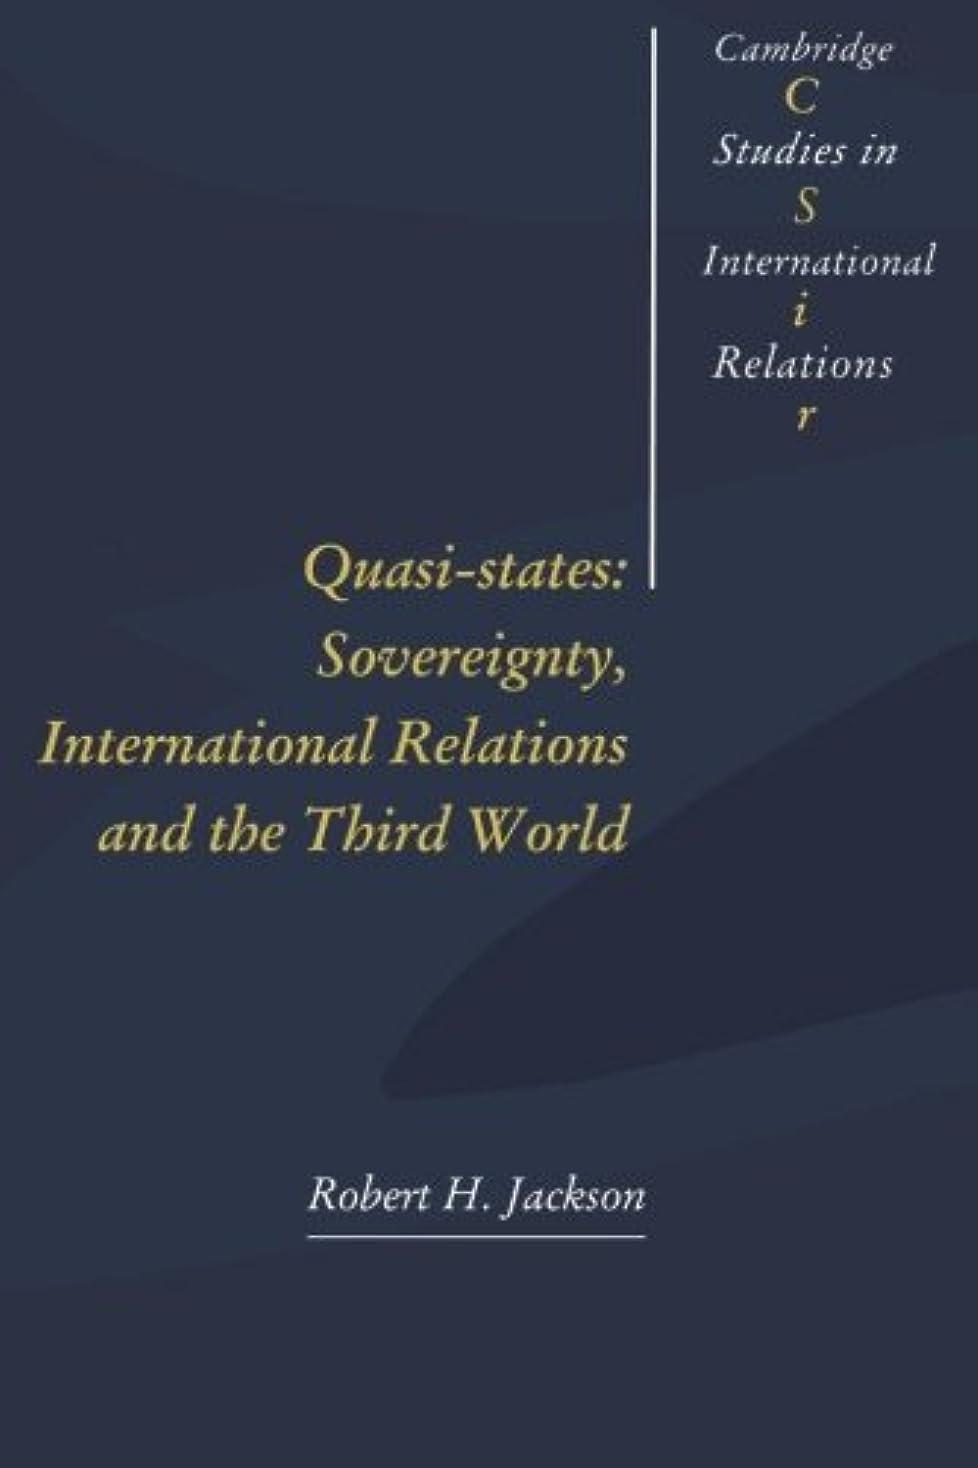 忘れる魔術師エレクトロニックQuasi-States:: Sovereignty, International Relations and the Third World (Cambridge Studies in International Relations)